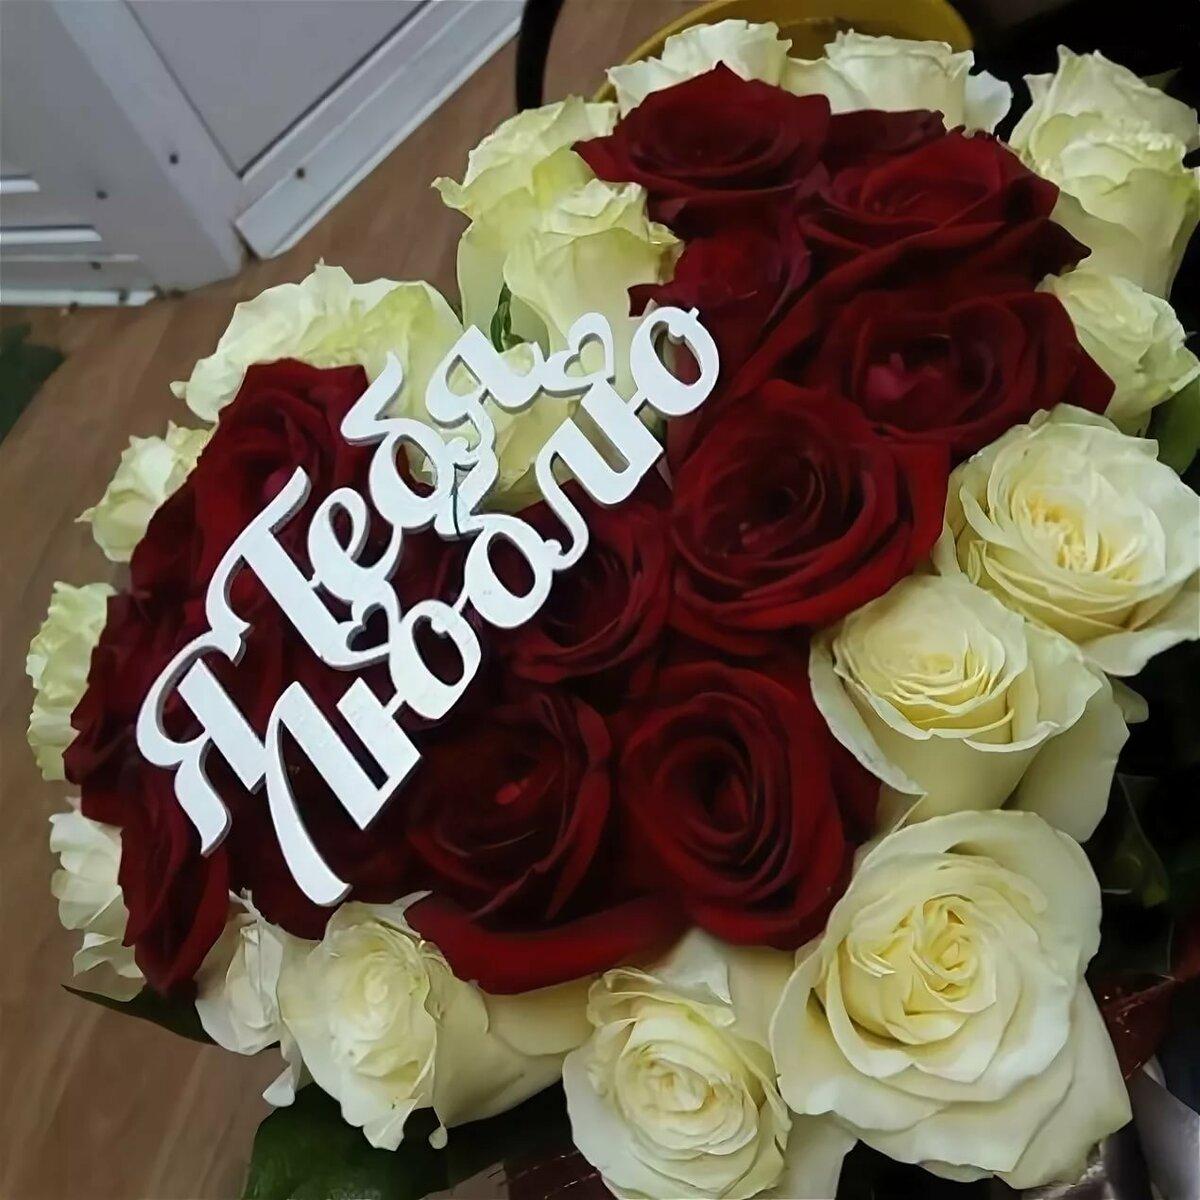 Крещением, картинки розы с надписью люблю